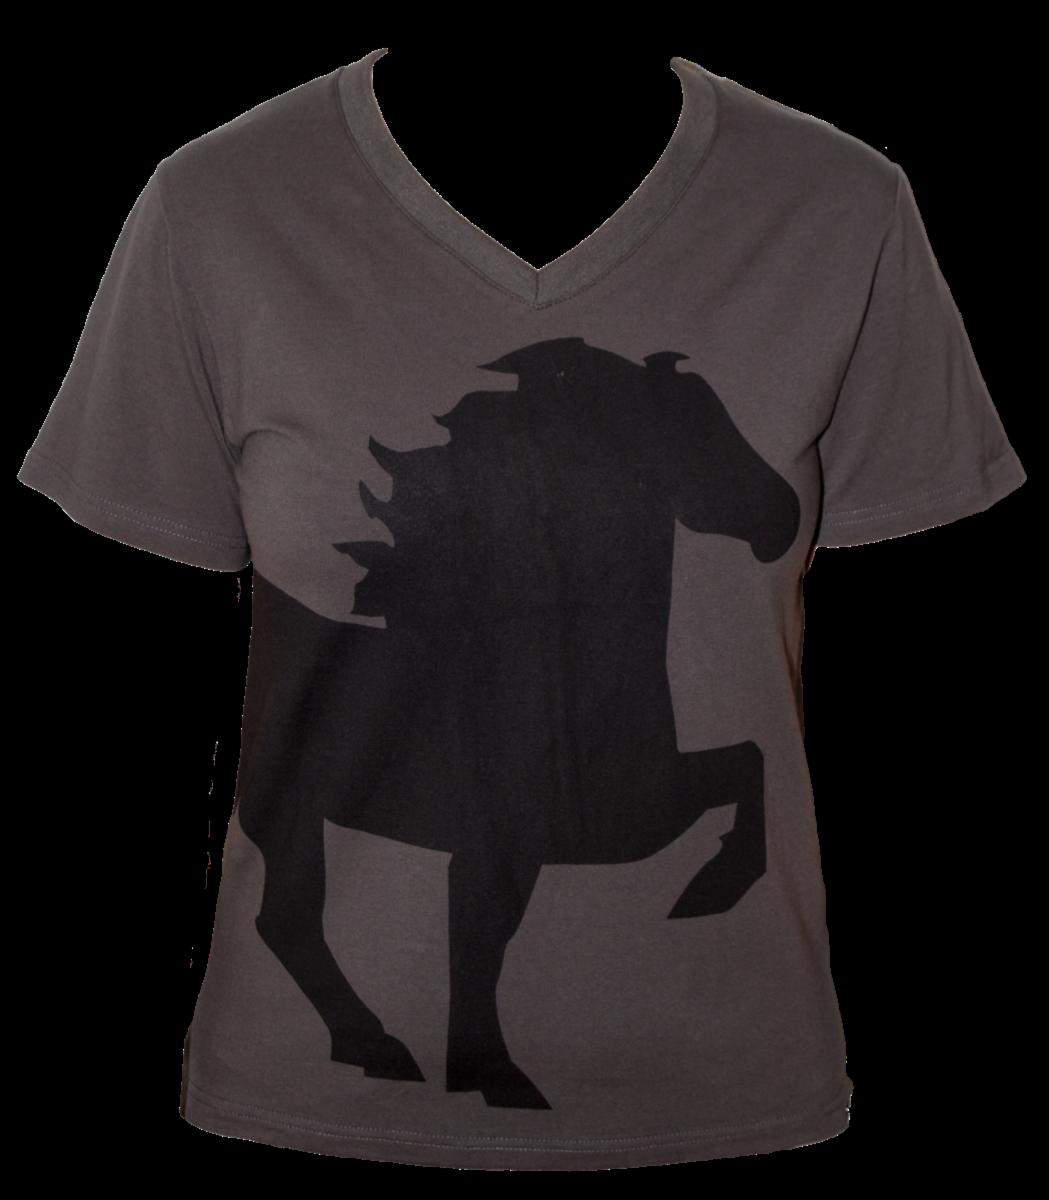 karlslund t-shirt k546-gra